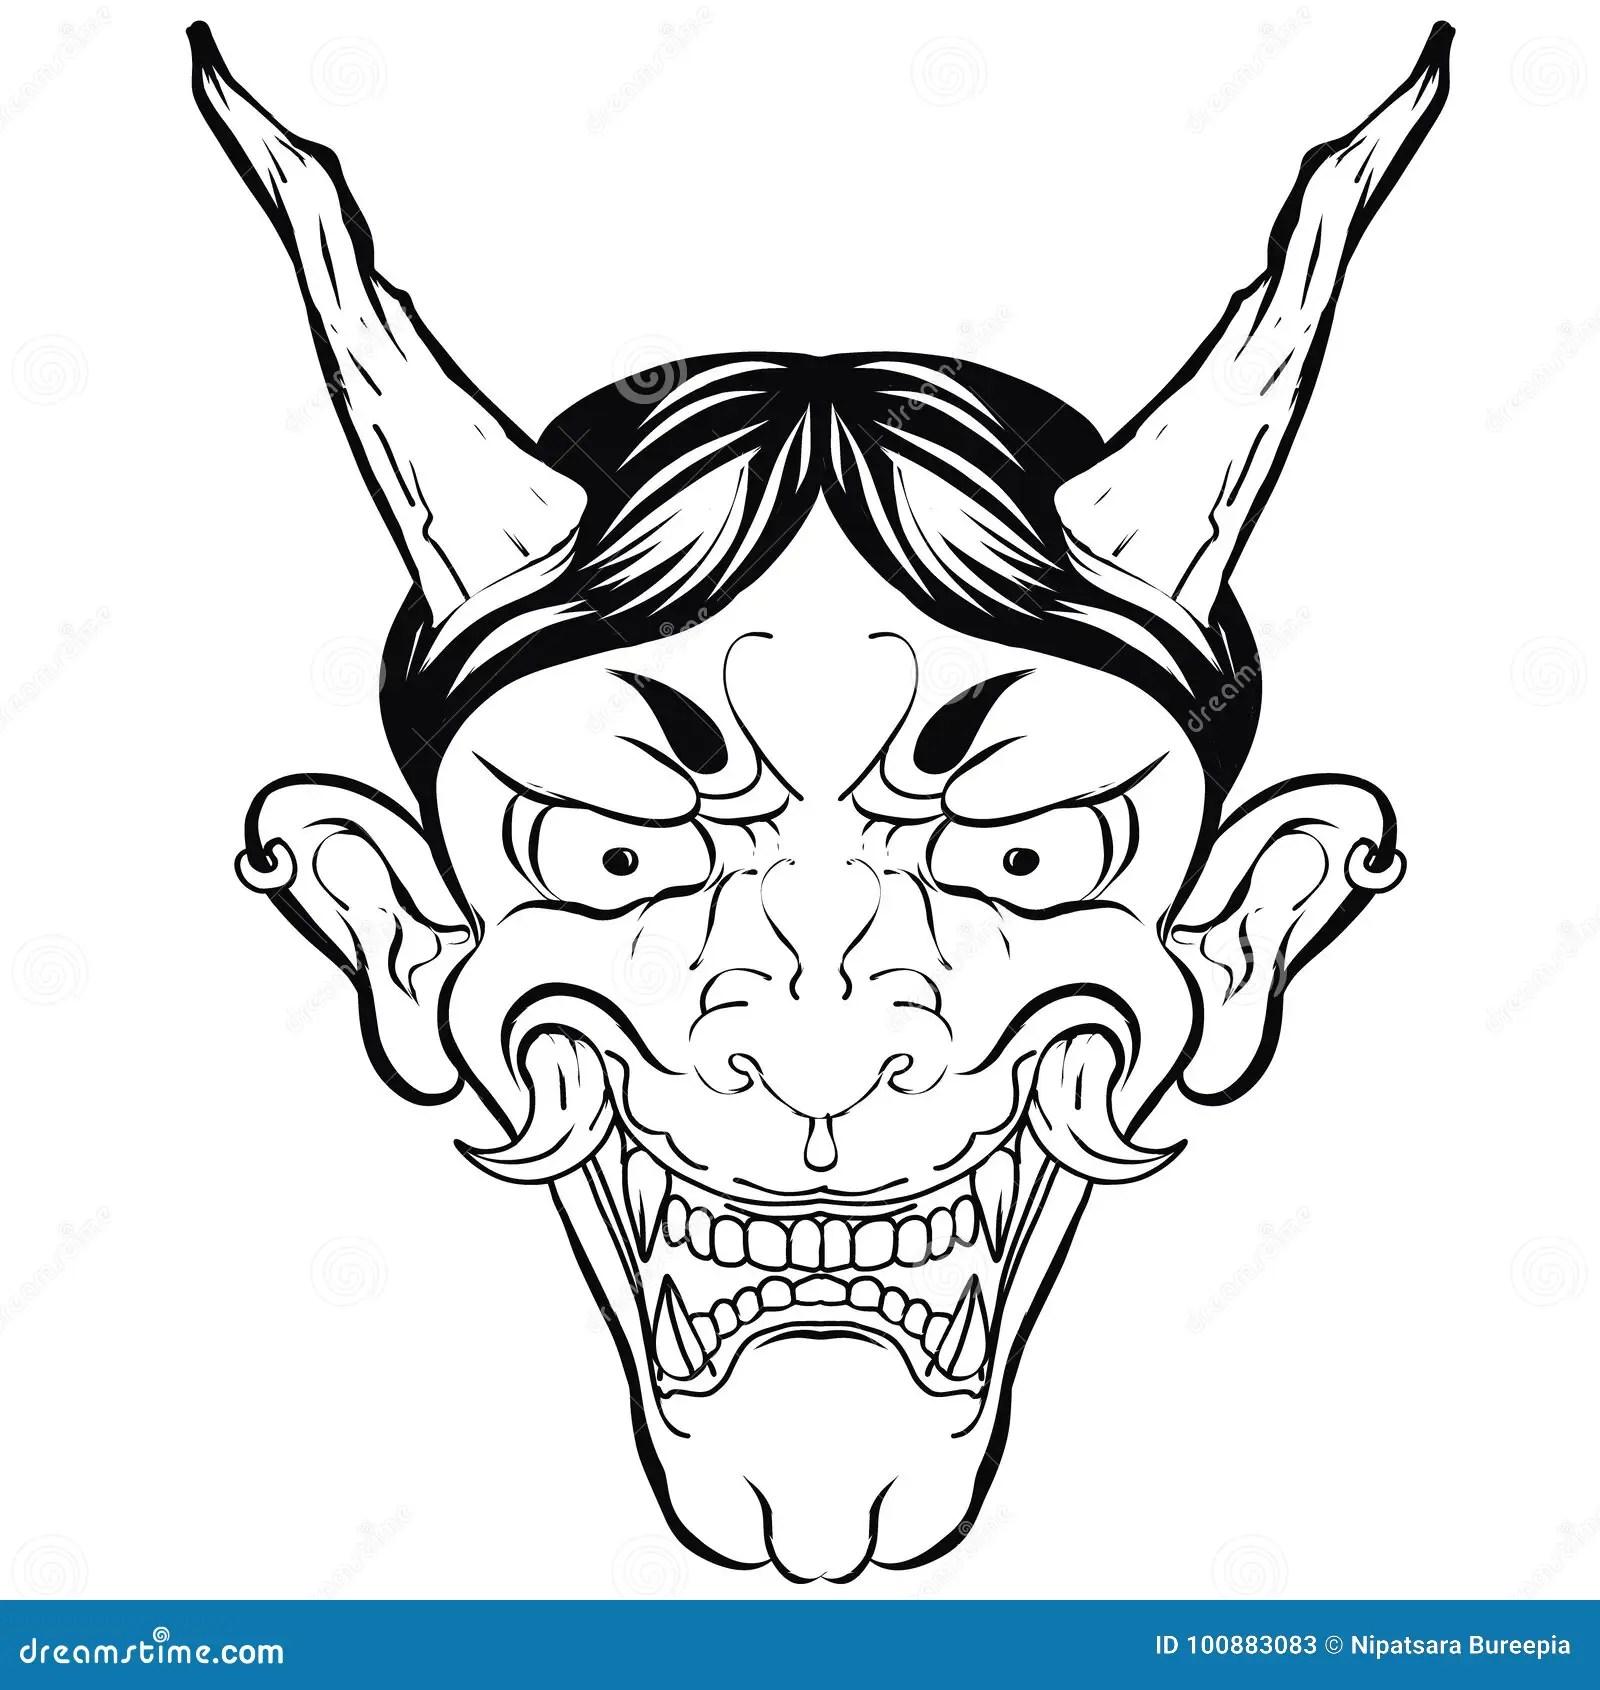 A Demons Face